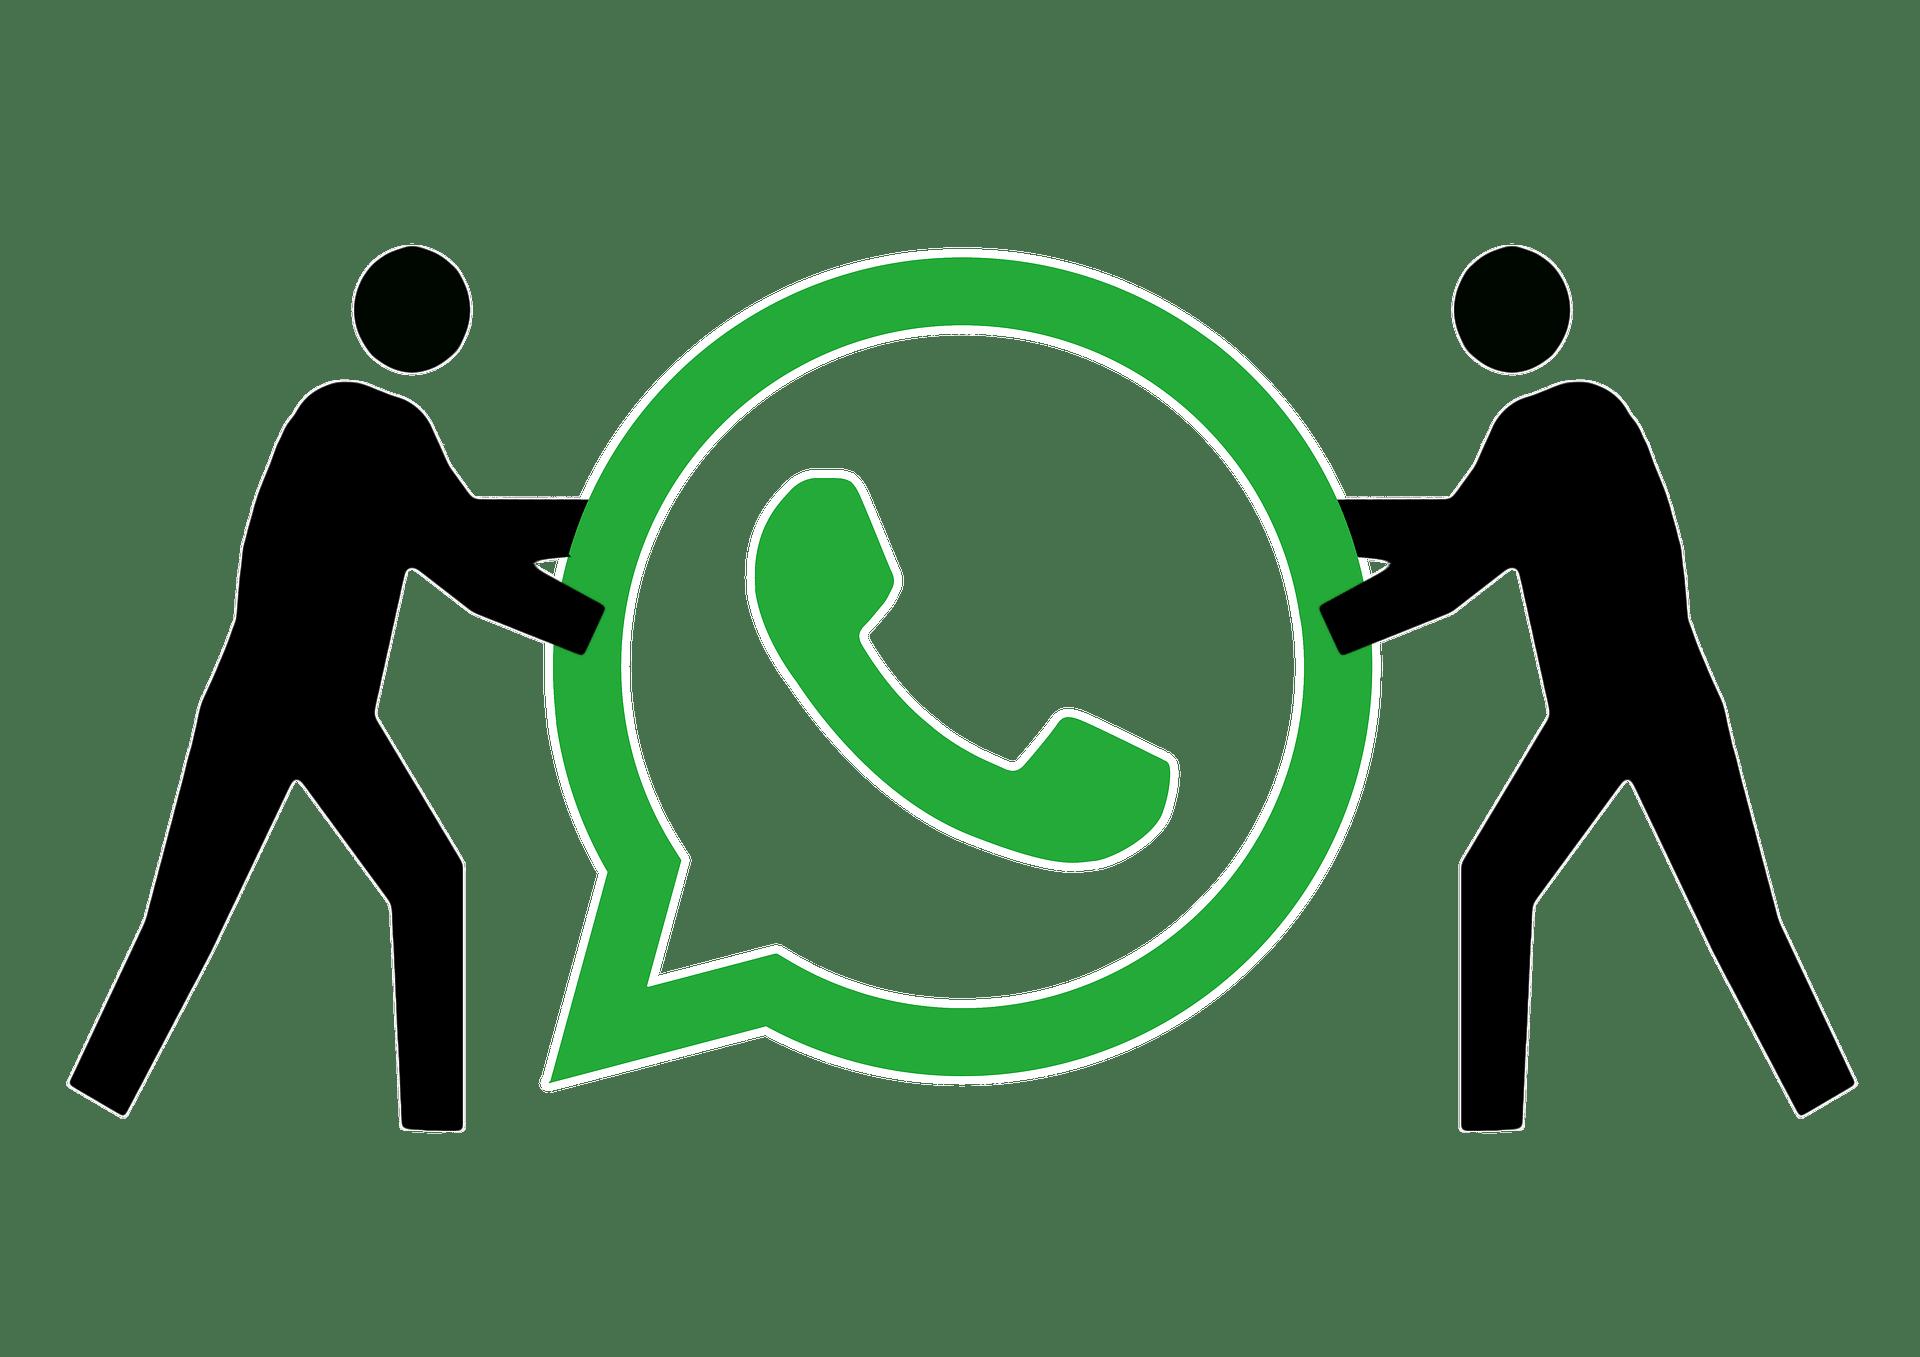 cambios whatsapp grupos 2018